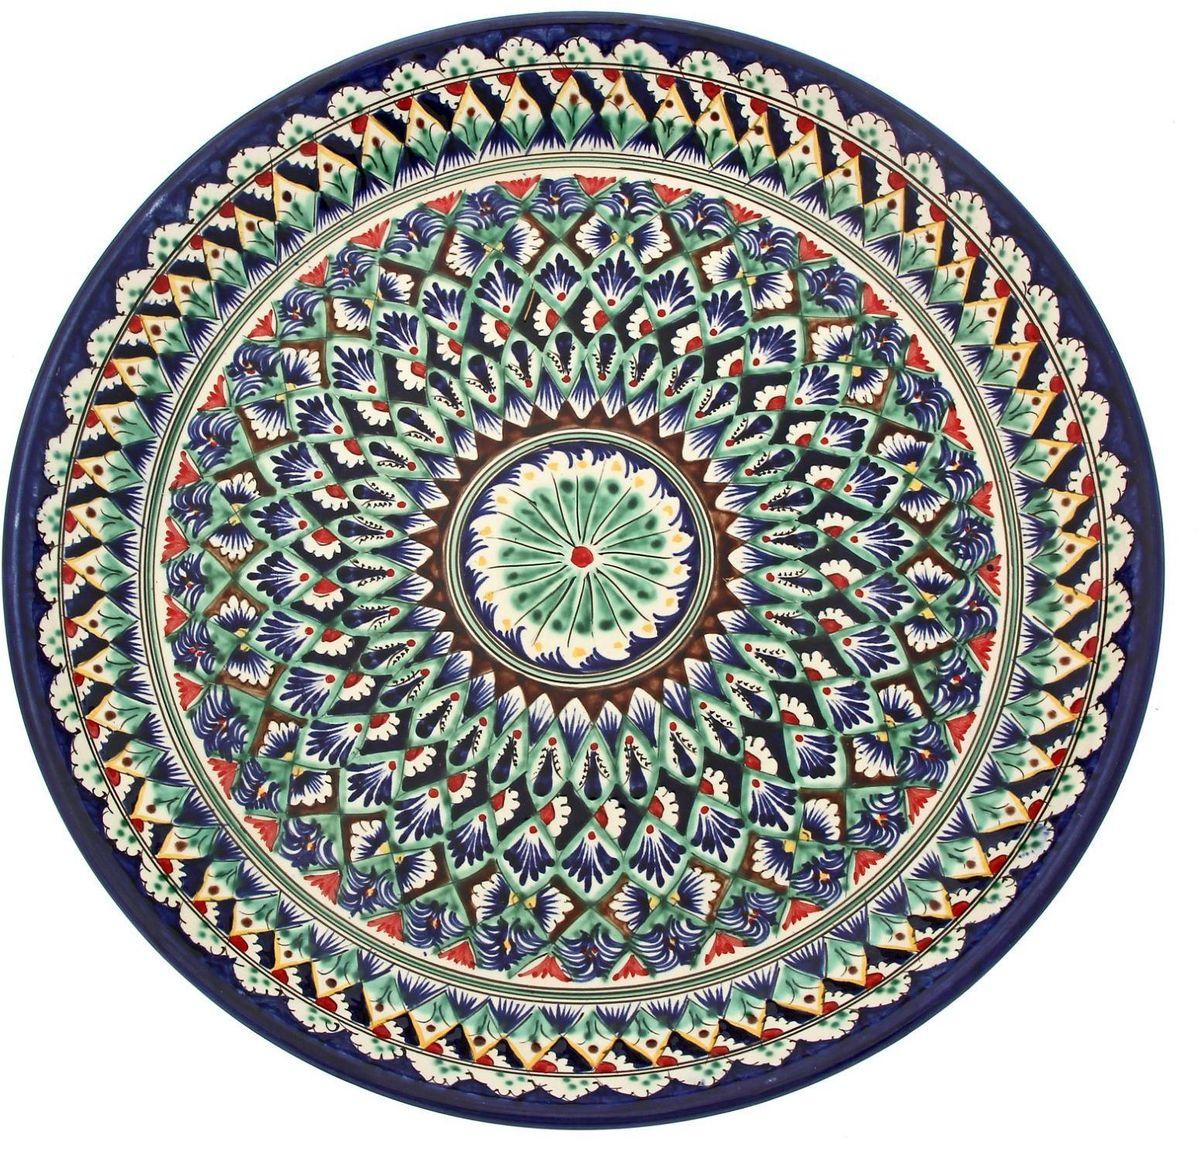 Ляган Риштанская керамика, диаметр 36 см. 19234711923471Ляган Риштанская керамика - это не просто обеденный атрибут, это украшение стола. Посуда с национальной росписью станет отменным подарком для ценителей высокородной посуды.Риштан - город на востоке Узбекистана, один из древнейших в Ферганской долине. С давних времен Риштан славится своим гончарным искусством изготовления цветной керамики. Красноватую глину для изделия добывают в самом городе. Мастера утверждают, что их глина настолько высокого качества, что даже не нуждается в предварительной обработке. Дополните коллекцию кухонных аксессуаров пряными восточными нотами!